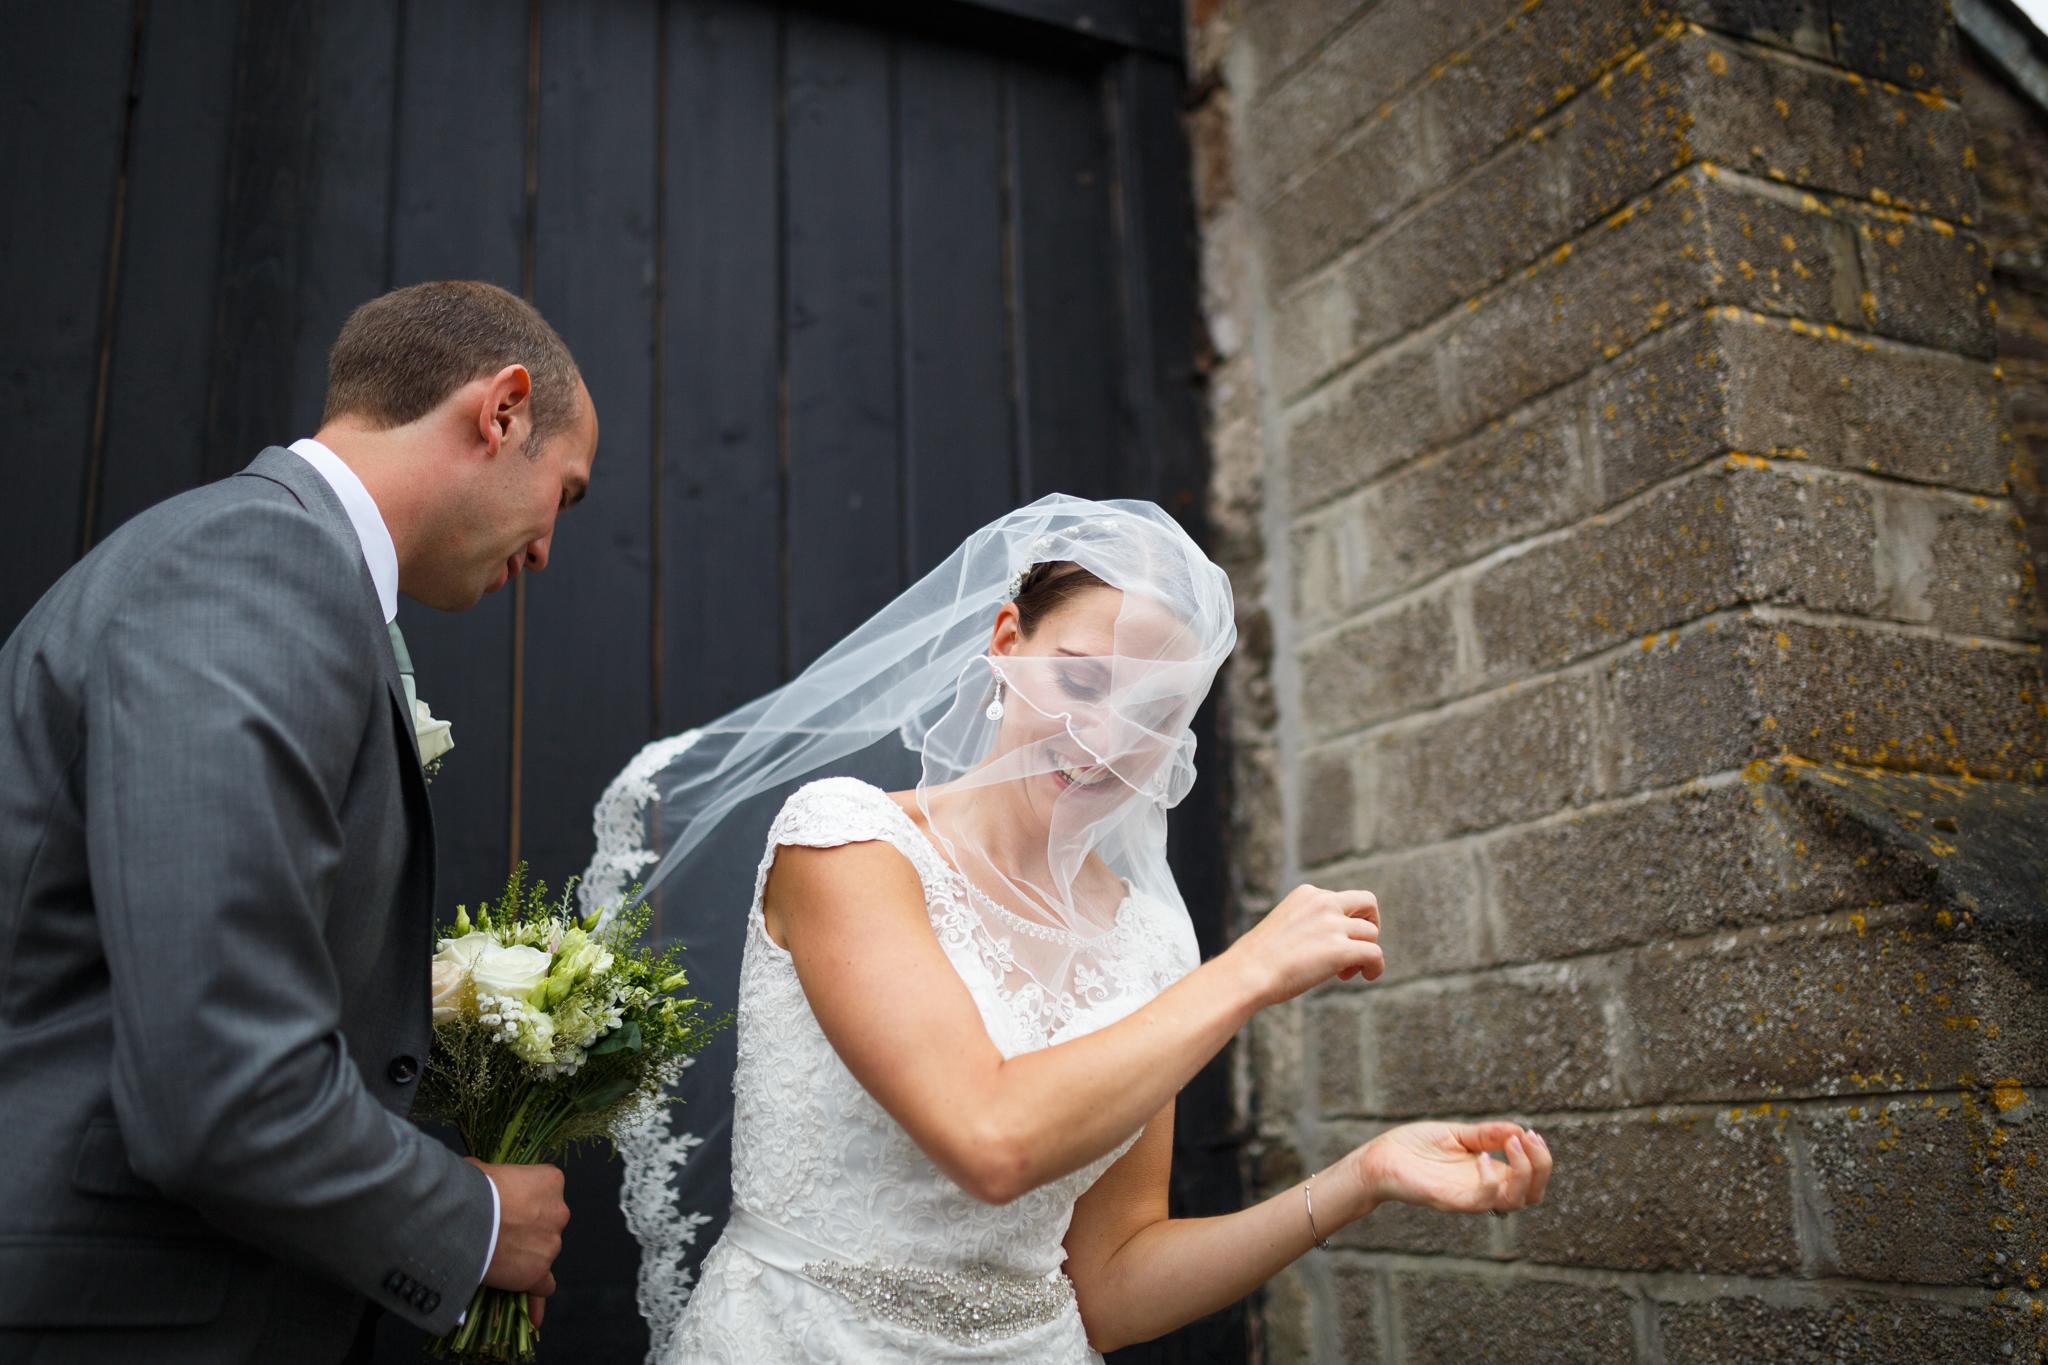 Simon_Rawling_Wedding_Photography-171.jpg